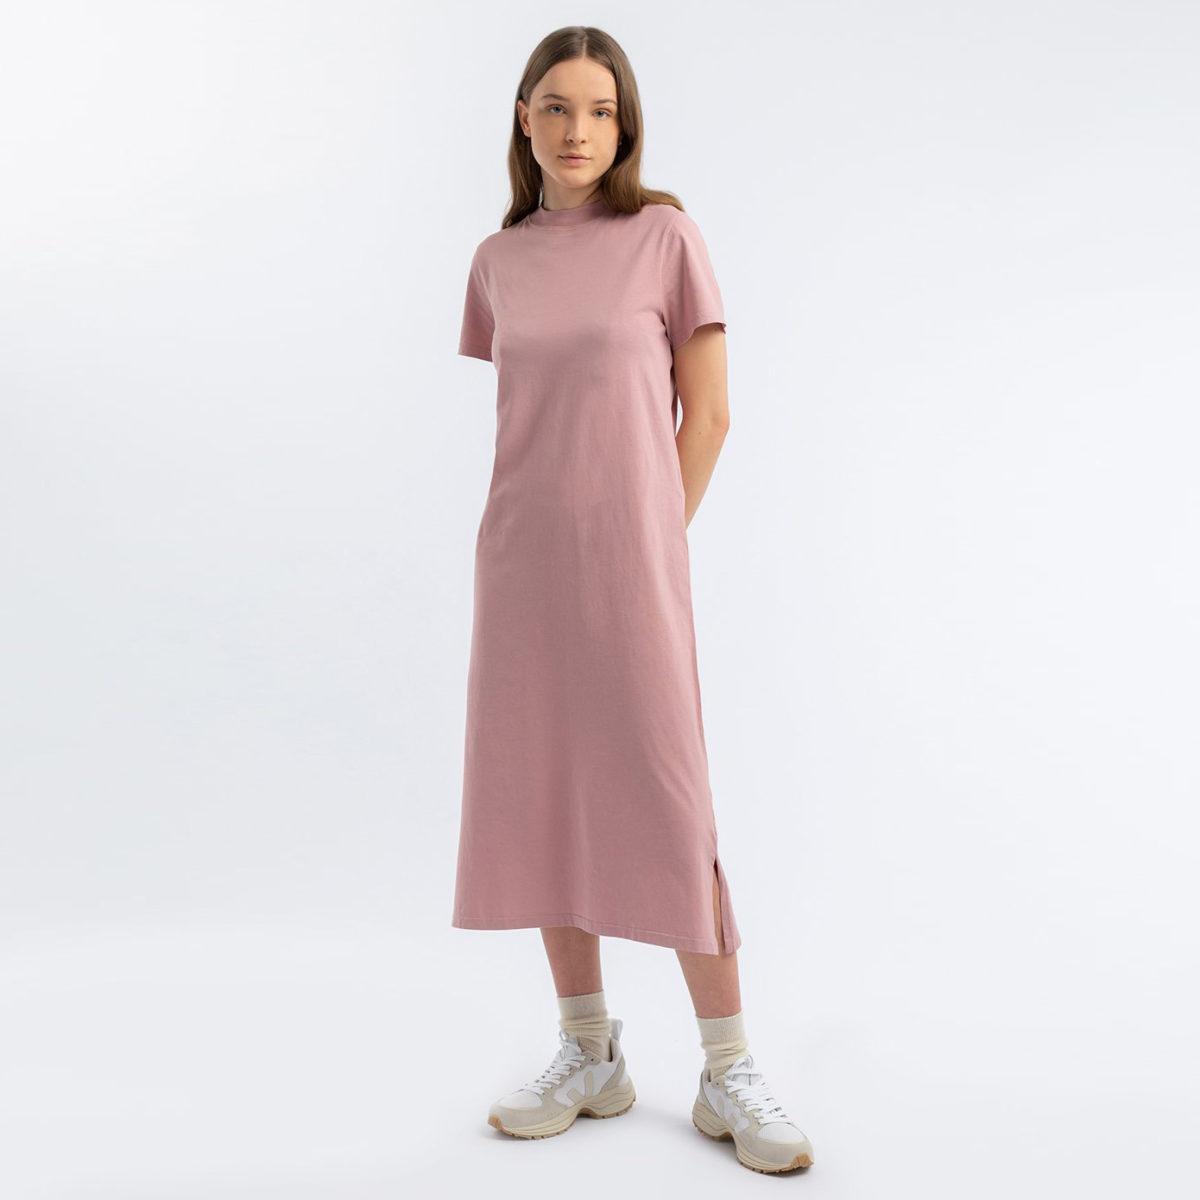 T-shirtklänning i 10% ekologisk bomull